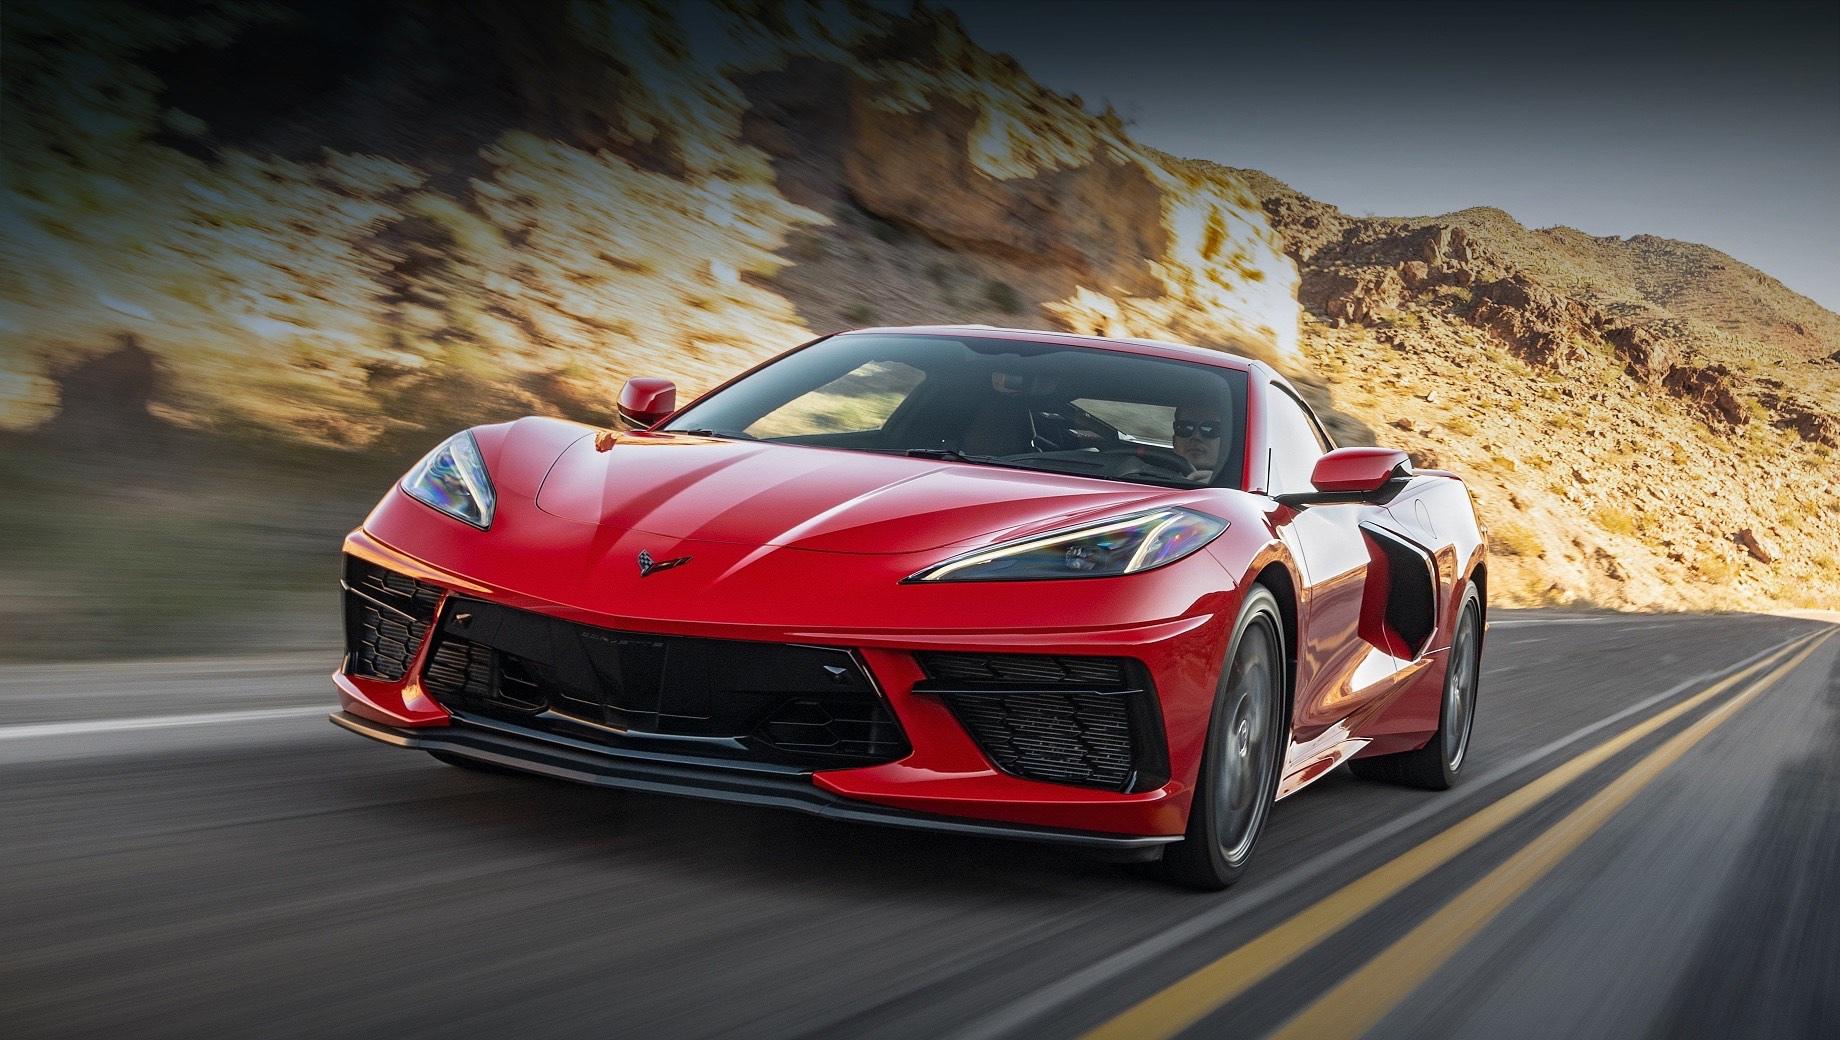 Chevrolet corvette,Chevrolet corvette z06,Chevrolet corvette zr1,Chevrolet corvette zora zr1,Chevrolet corvette e-ray. Не предлагая широкого выбора версий, Corvette C8 бьёт конкурентов ценой — от $61 495 (4,6 млн рублей). Поэтому в США за прошлый год купили 21 626 спорткаров. Сравните с результатами моделей Porsche 911 (8840 штук), Mercedes-AMG GT (3491) и Audi R8 (581).